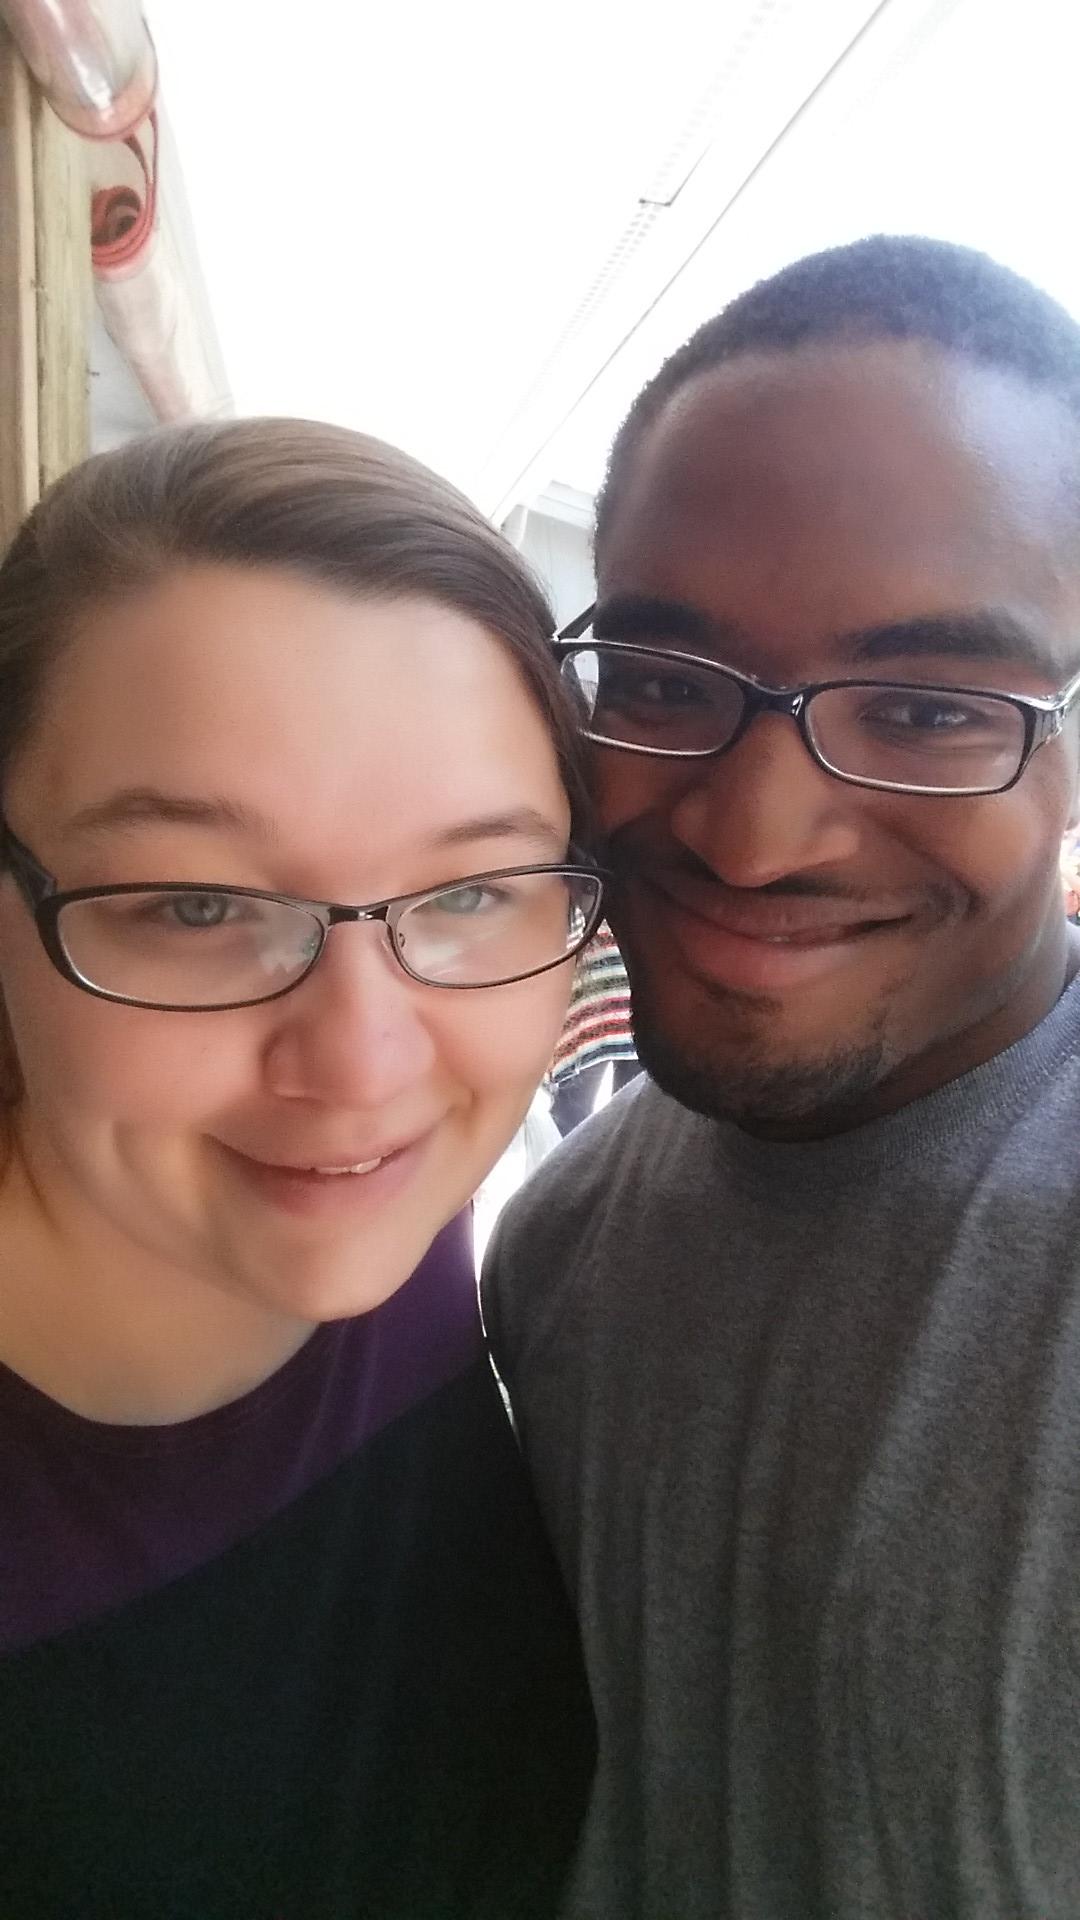 Dejavon and I at Myrtle Beach!